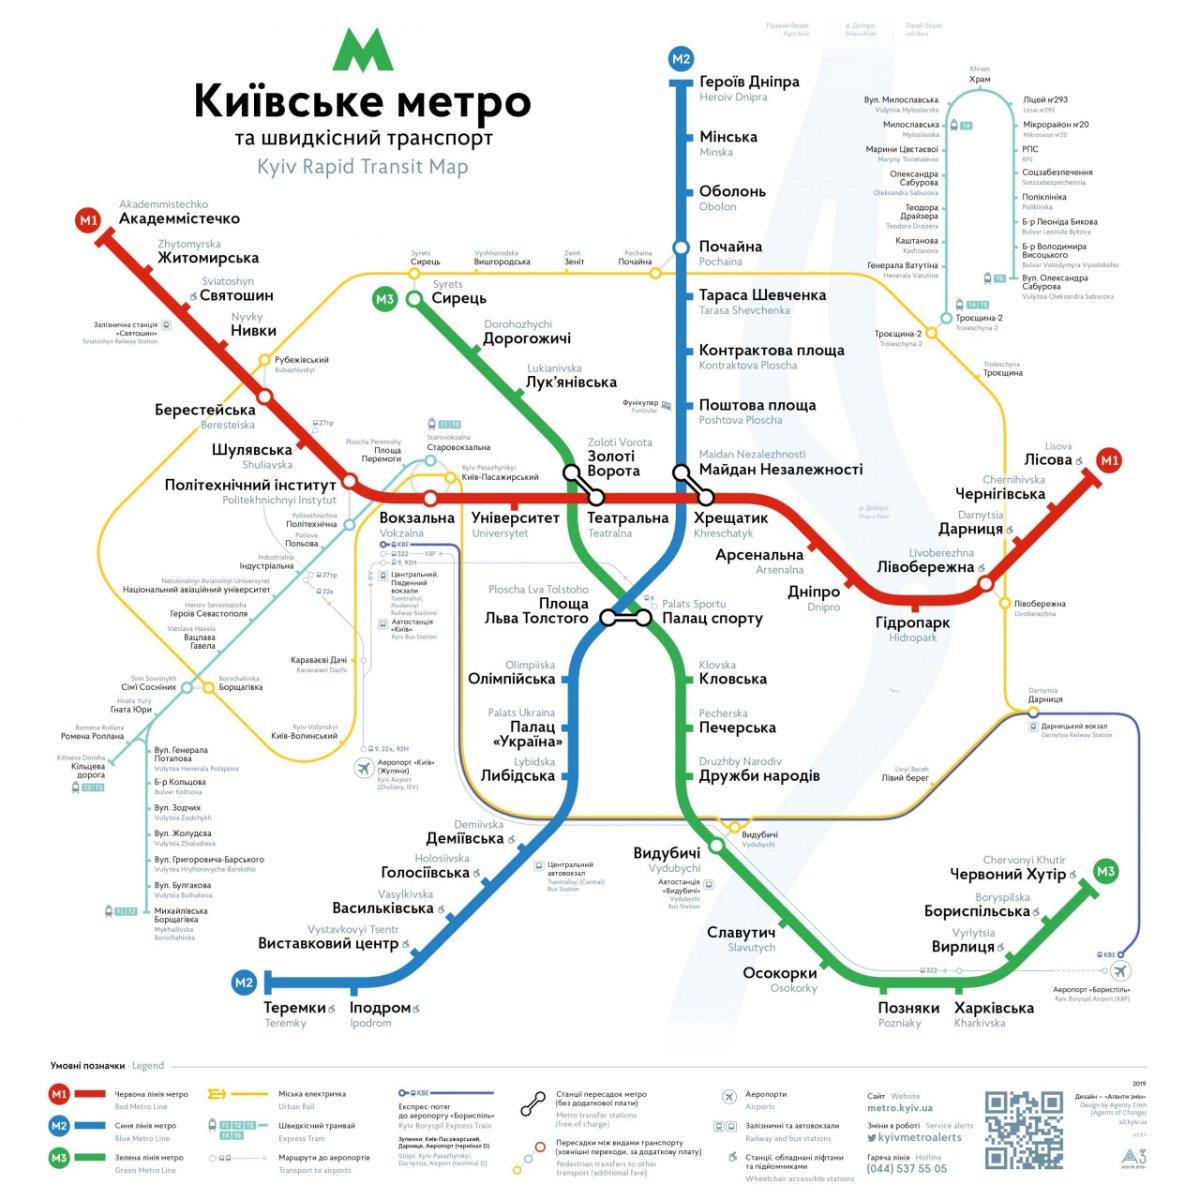 IDMedia Наружная реклама в городе Киев (Киевская область), Метро Digital в городе Киев №238981 схема